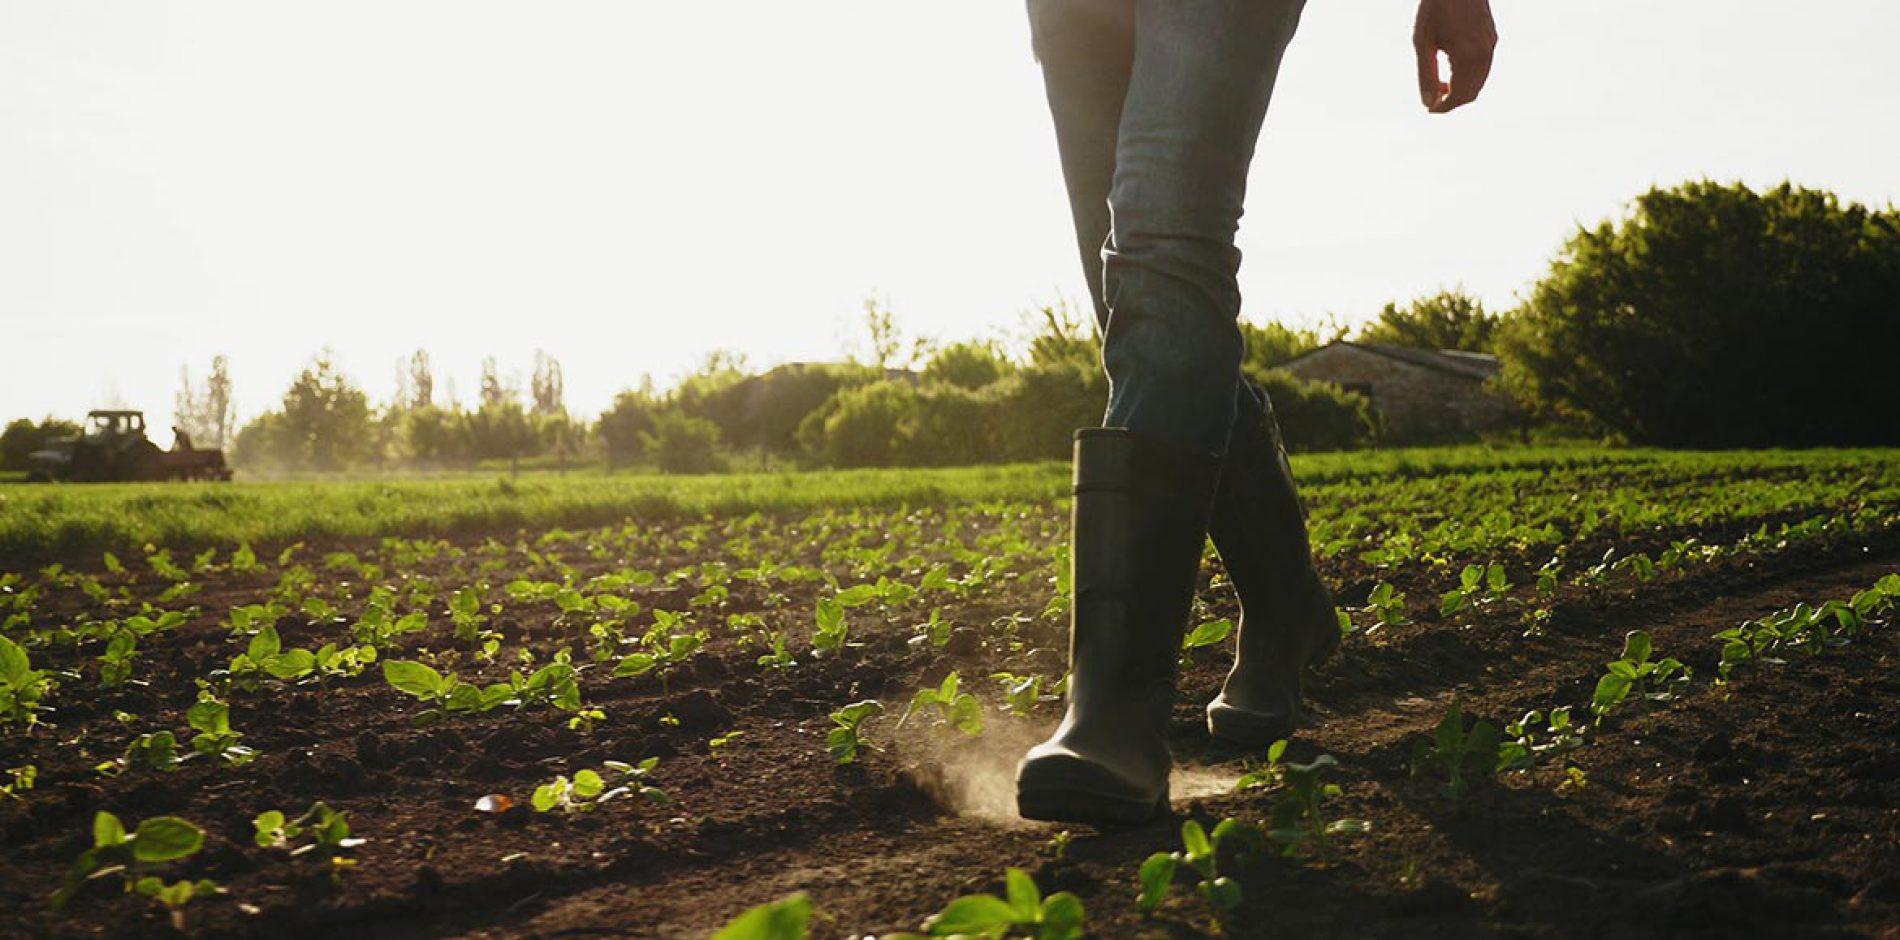 Contratti a termine in agricoltura per i percettori di Reddito di Cittadinanza [INPS]